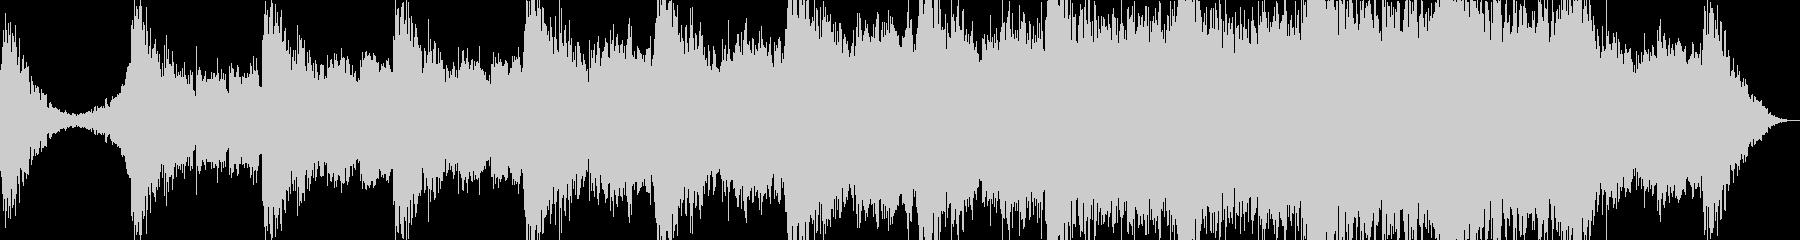 映画音楽、シネマティック映像向け-15の未再生の波形